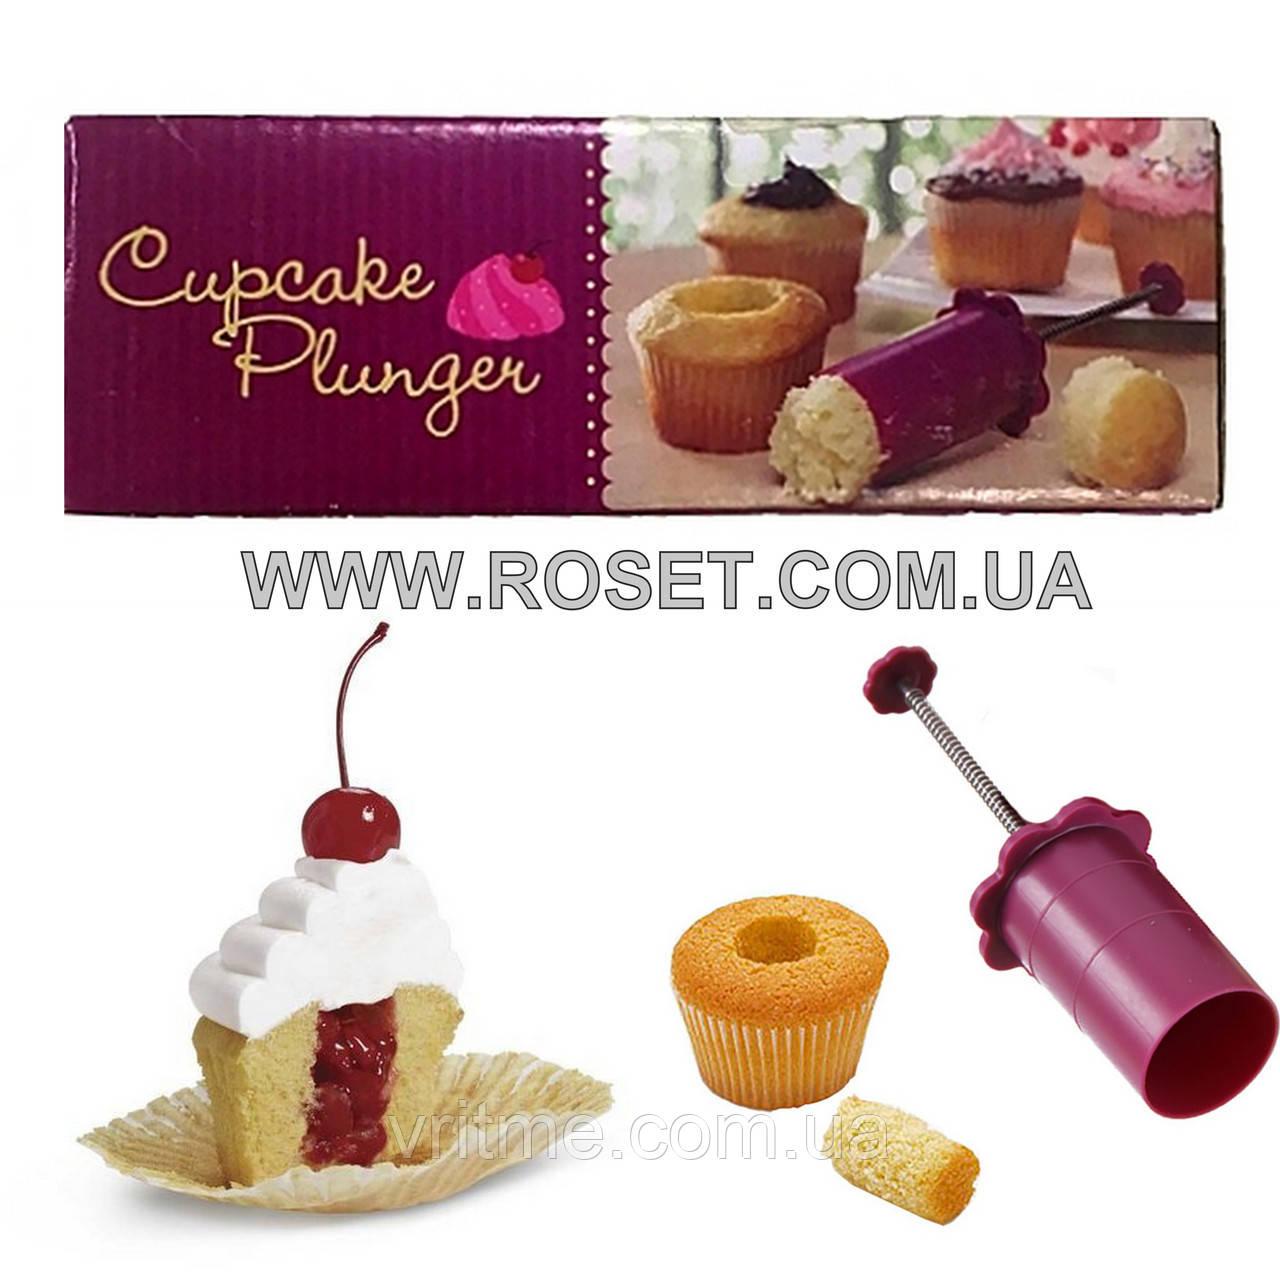 Плунжер-бур для тістечок, кексів, мафінів Cupcake Plunger